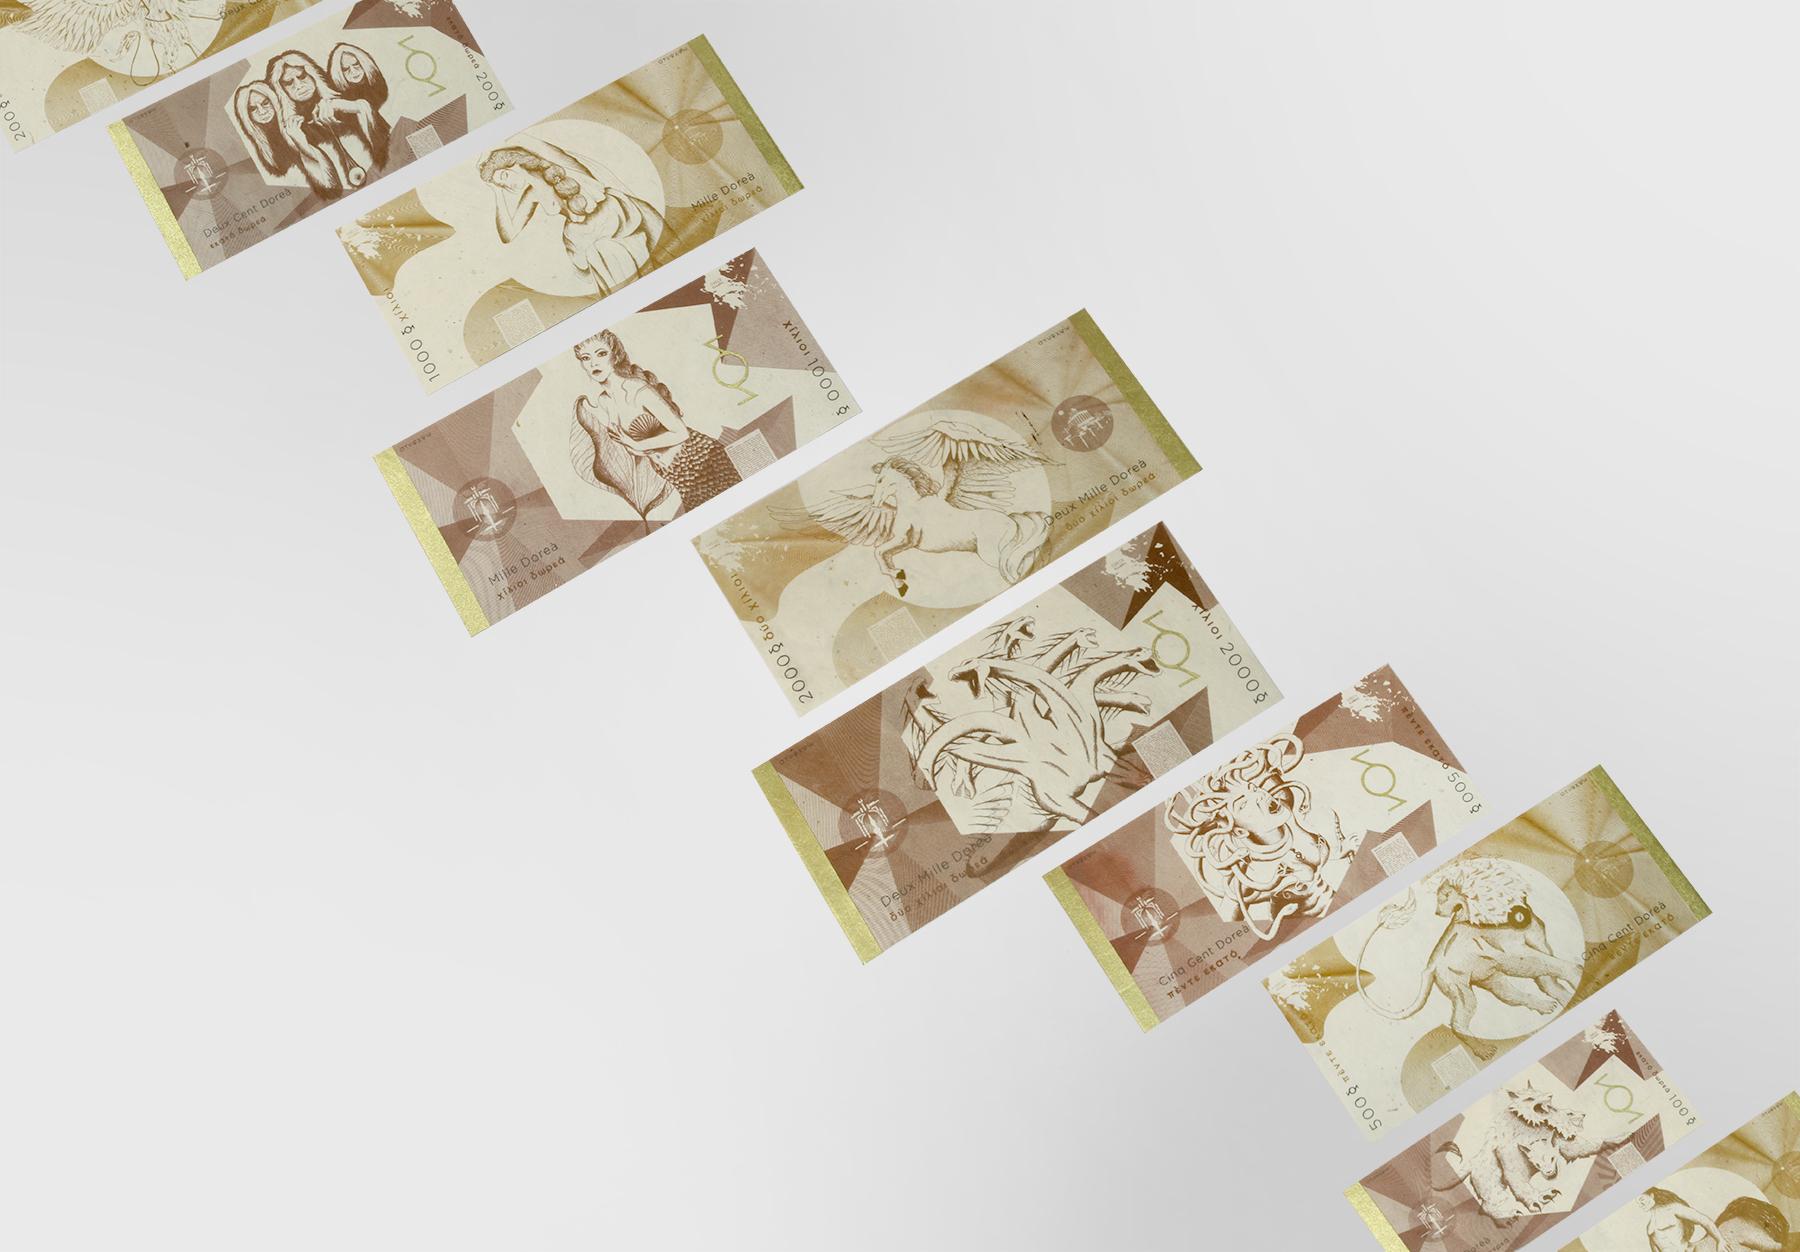 Création D'une Monnaie Fictive Des Dieux Grecs - Lise Tuillier avec Monnaie Fictive